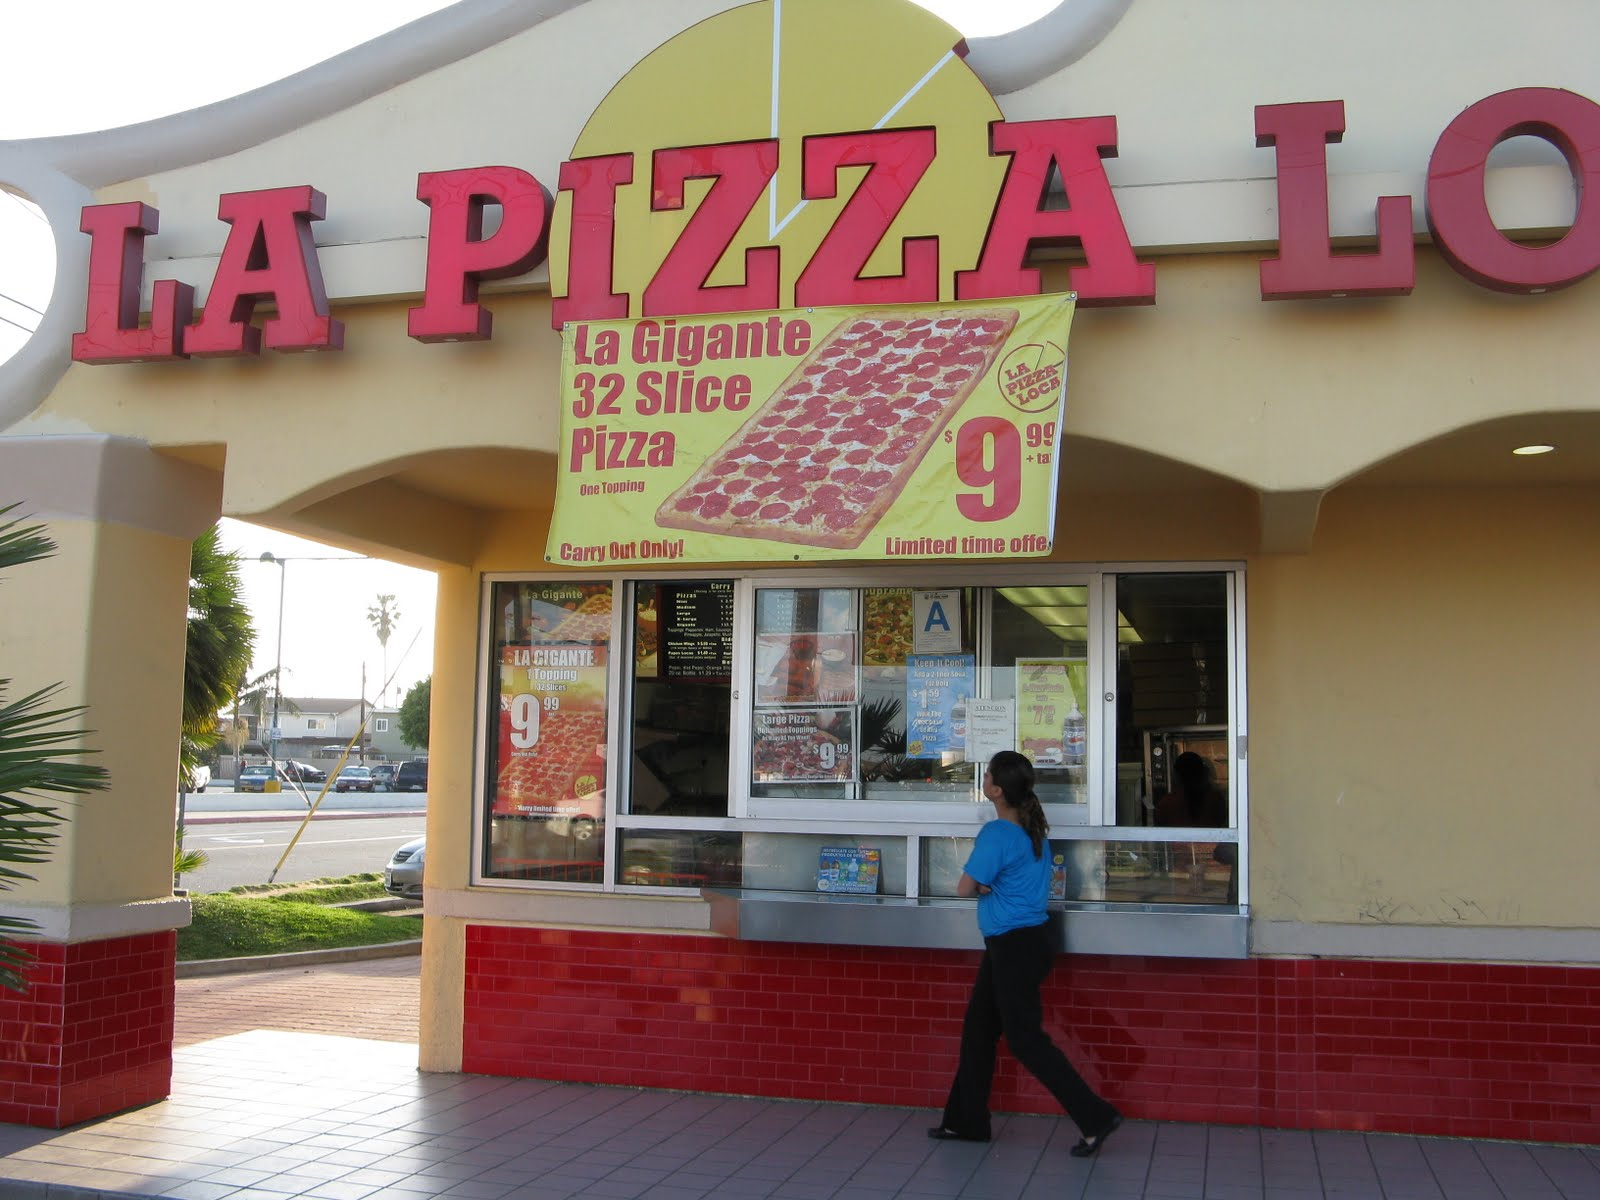 LA Pizza La Pizza Loca